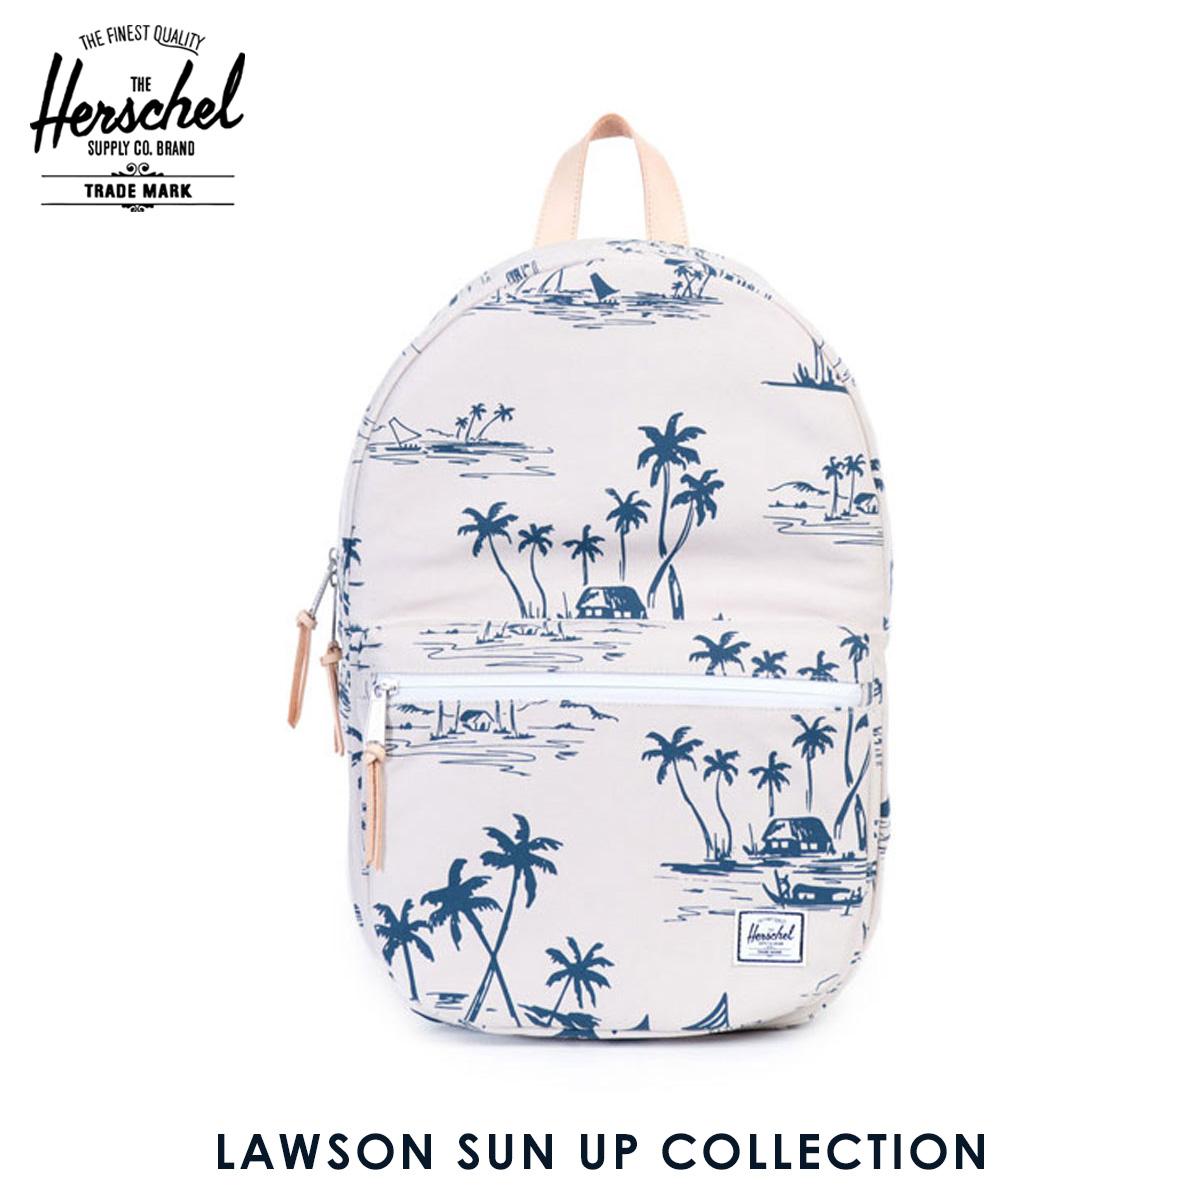 【販売期間 4/2 10:00~4/8 09:59】 ハーシェル サプライ Herschel Supply 正規販売店 バッグ リュックサック Lawson SUN UP COLLECTION 10179-00902-OS Sun Up D15S25